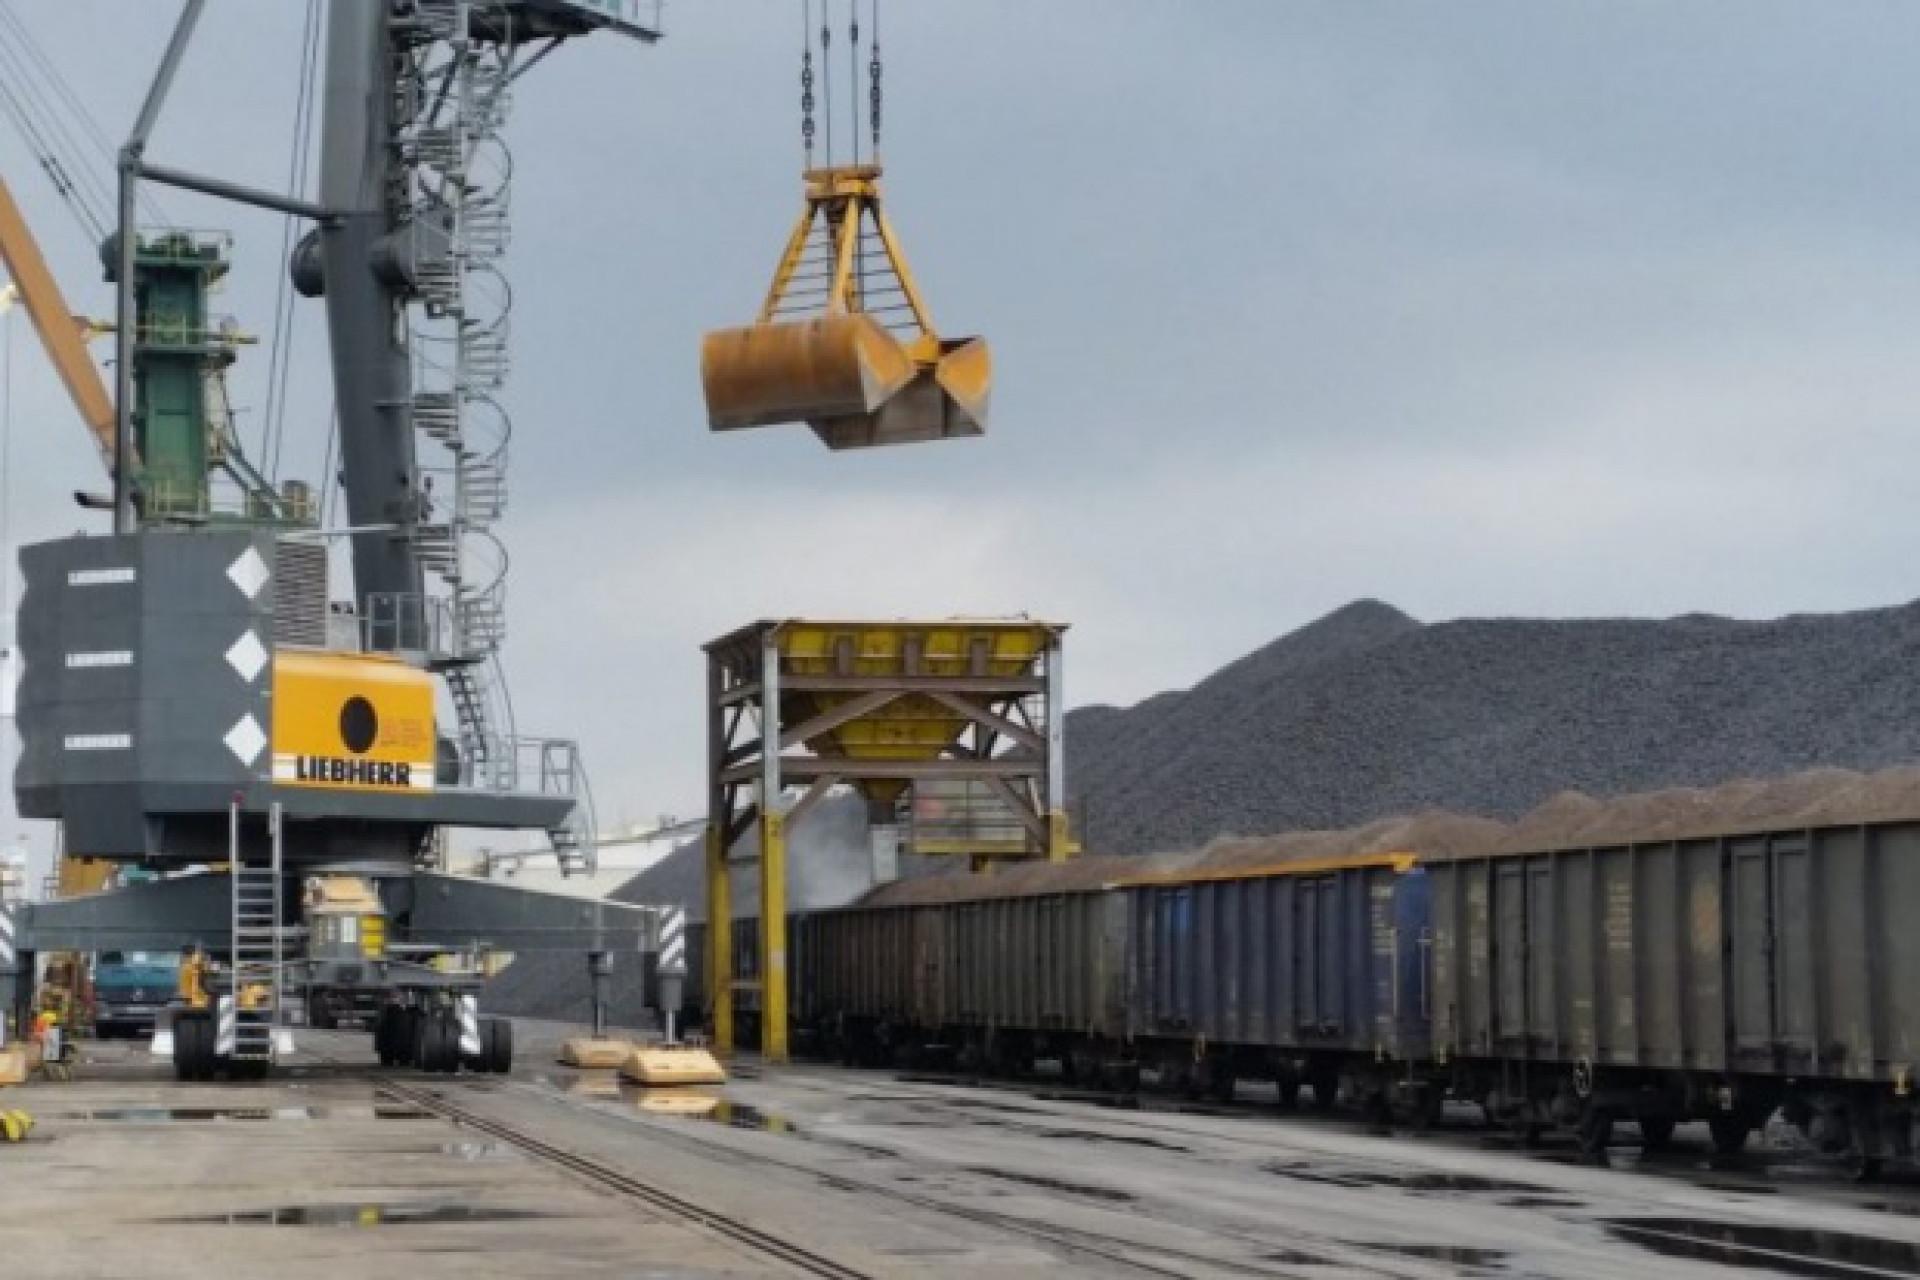 Są wstępne warunki restrukturyzacji z wierzycielami finansowymi OT Logistics